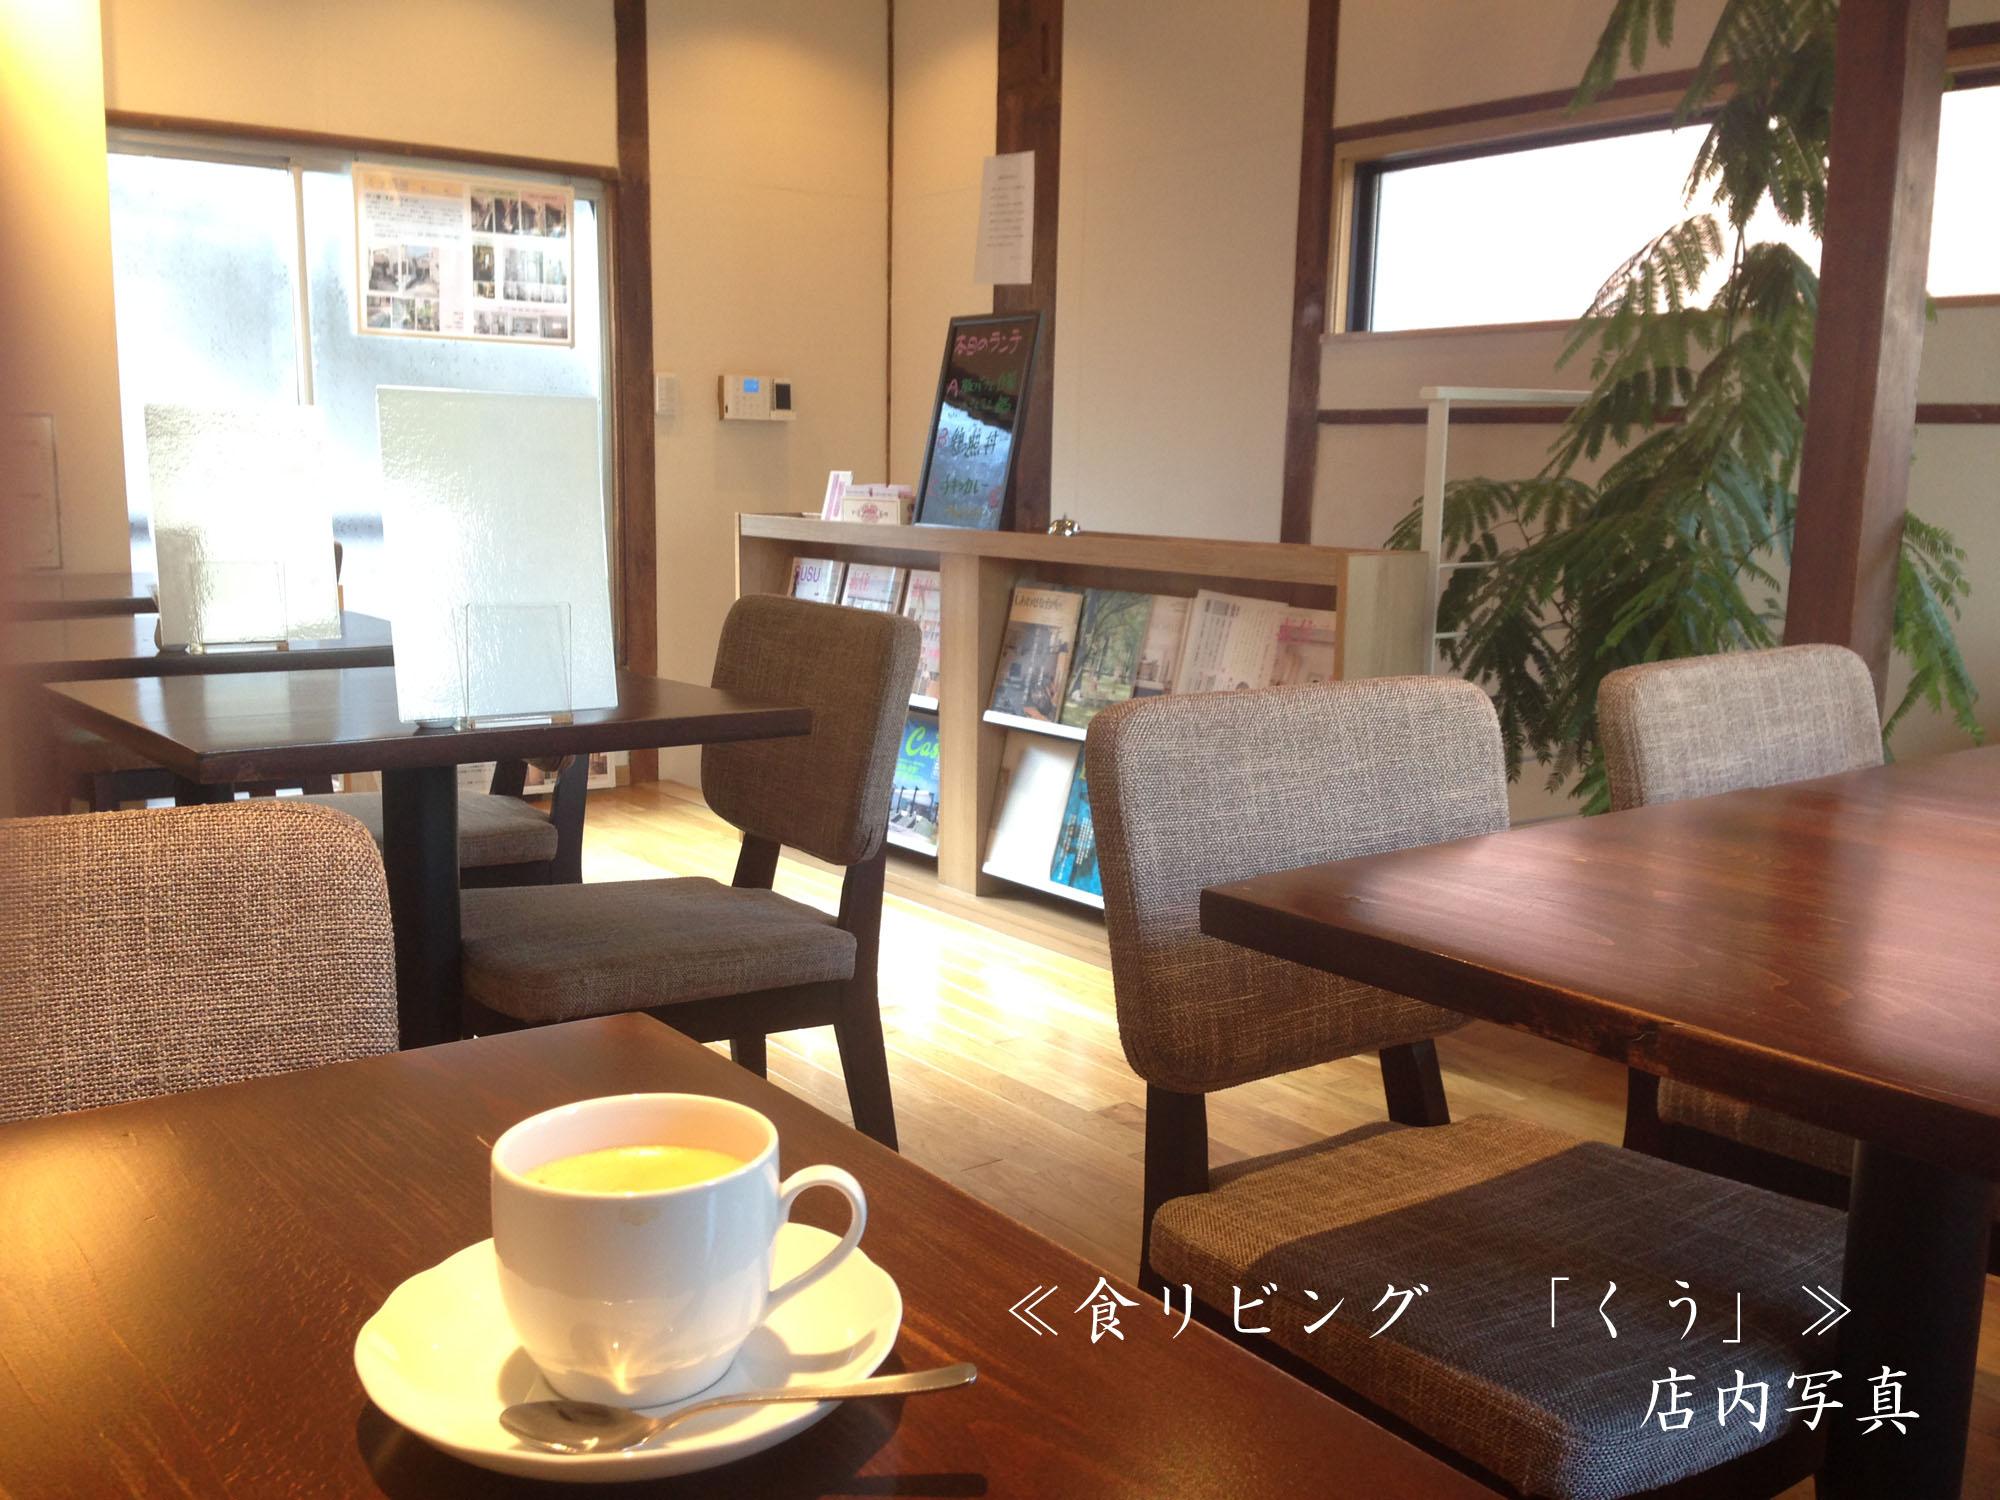 足立区梅島 「食リビング・くう」店内 撮影:遠藤夕幻